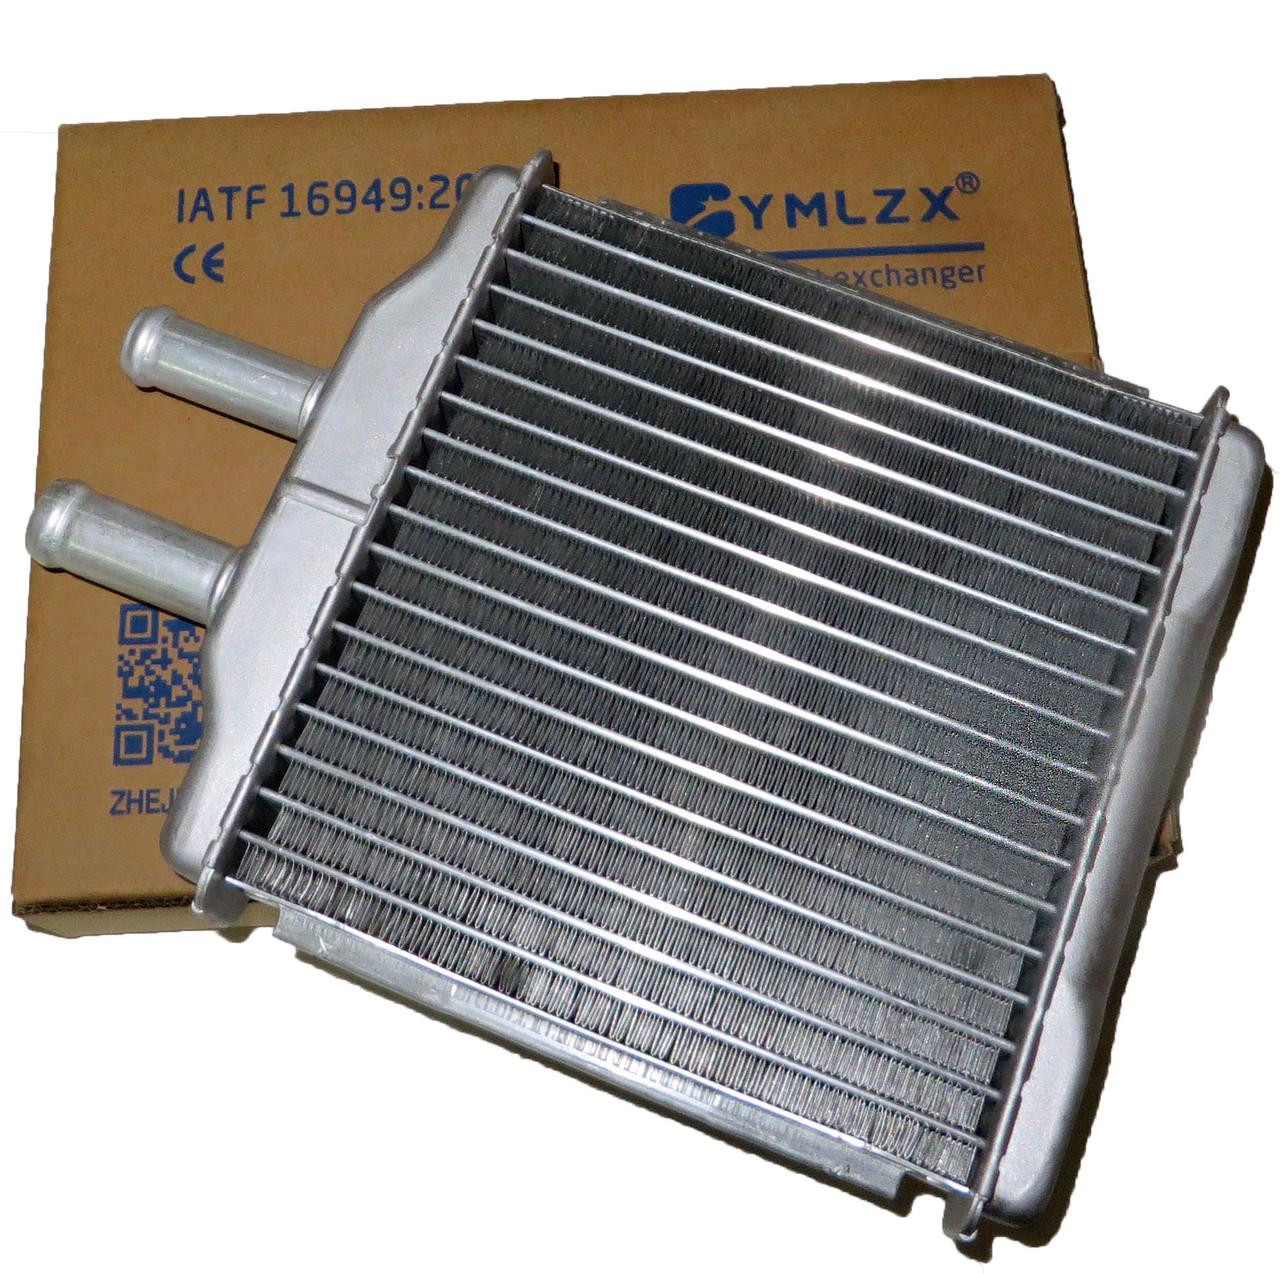 Радиатор печки Лачетти, Нубира, YMLZX, YML-BH-119, 96554446-